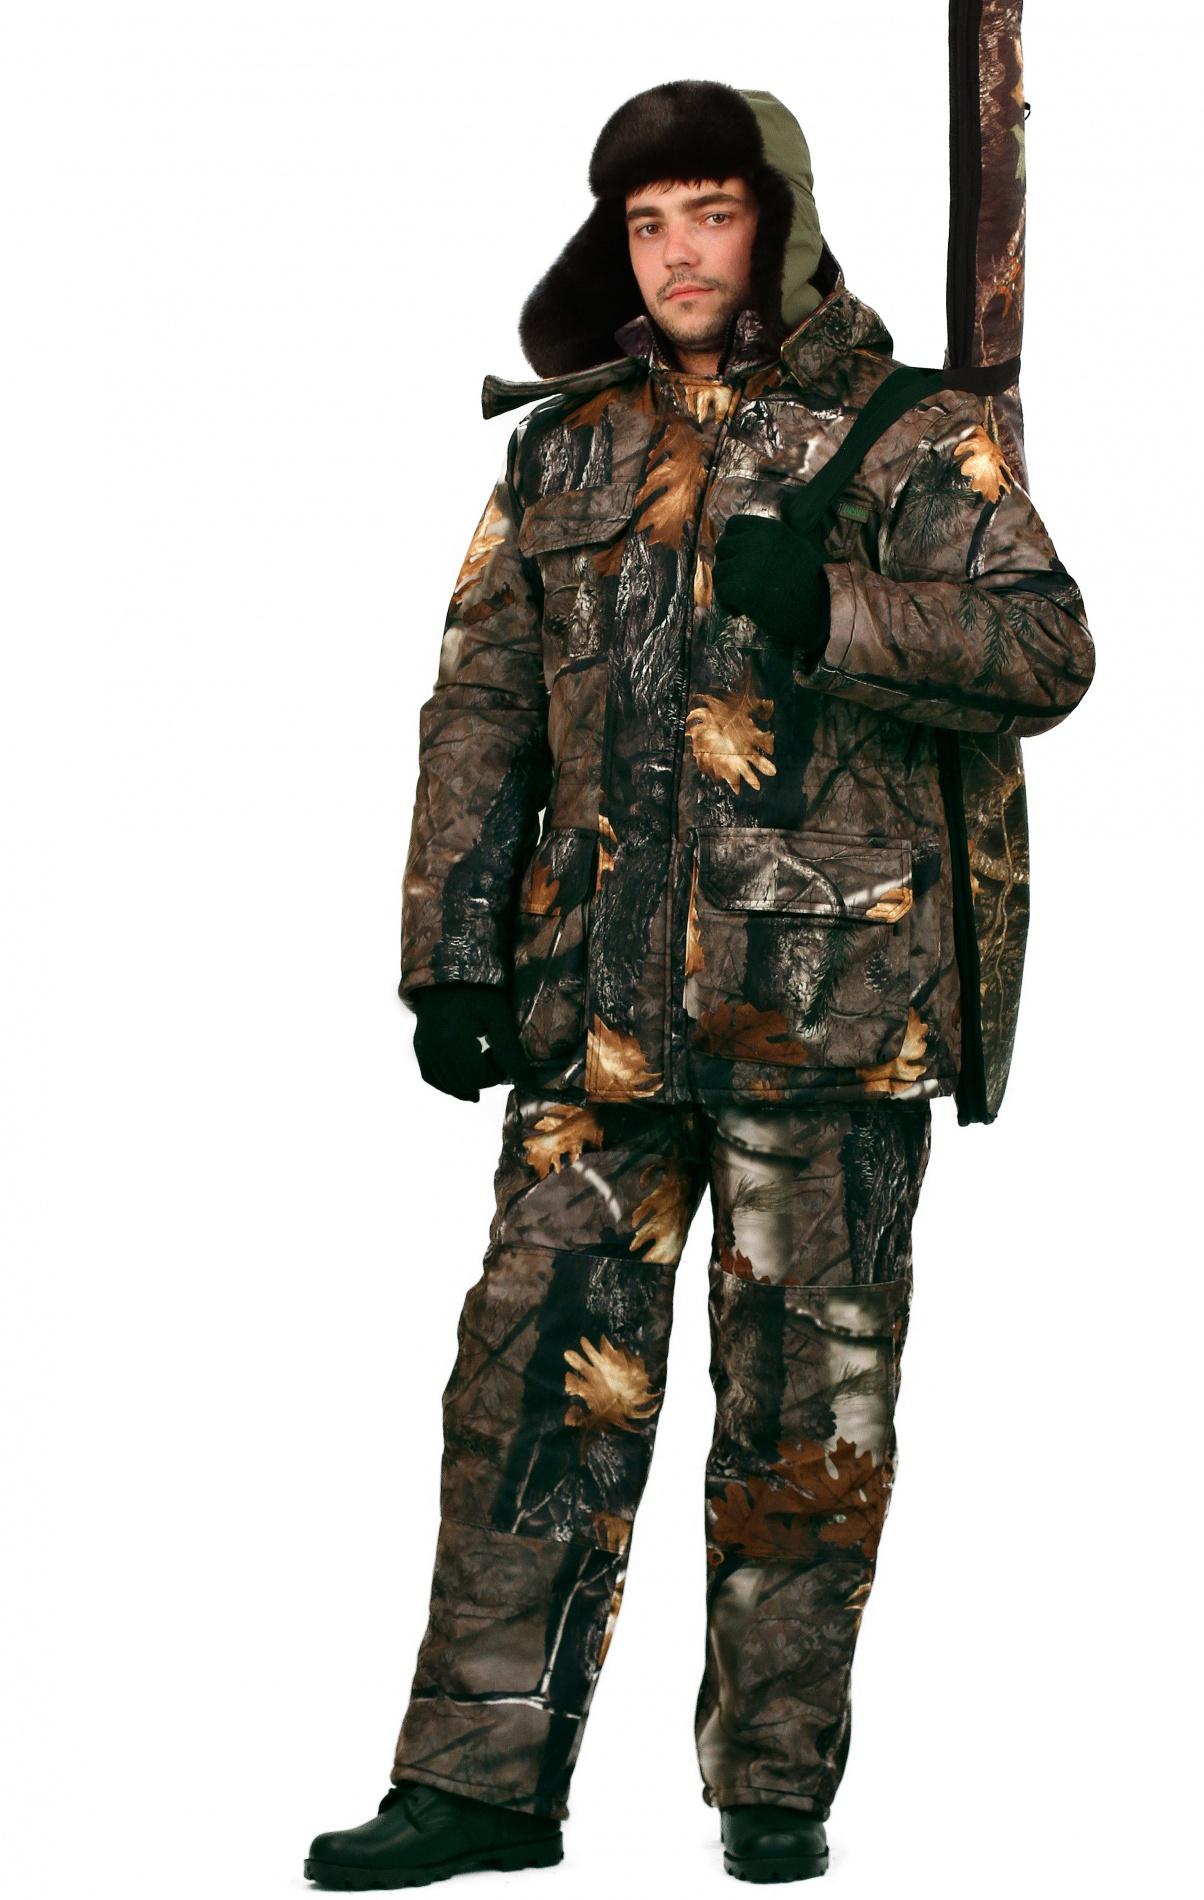 __Костюм мужской Nordwig Buran зимний кмф т.Алова Костюмы утепленные<br>Камуфлированный универсальный костюм <br>для охоты, рыбалки и активного отдыха при <br>низких температурах. Не шуршит. Состоит <br>из удлинненной куртки с капюшоном и полукомбинезона. <br>Куртка: • Отстегивающийся и регулируемый <br>капюшон. • Центральная застежка молния <br>с ветрозащитной планкой и контактной лентой. <br>• Боковые и нагрудные накладные карманы <br>с клапанами. • Усиление в области локтей. <br>• Манжеты на резинке Полукомбинезон: • <br>Закрывает грудь и спину. • Застежка с двухзамковой <br>молнией. • Боковые карманы. • Бретели регулируемые. <br>• Талия регулируется резинкой • Наколенники <br>с отверстиями для амортизационных накладок.<br><br>Пол: мужской<br>Размер: 64-66<br>Рост: 182-188<br>Сезон: зима<br>Цвет: коричневый